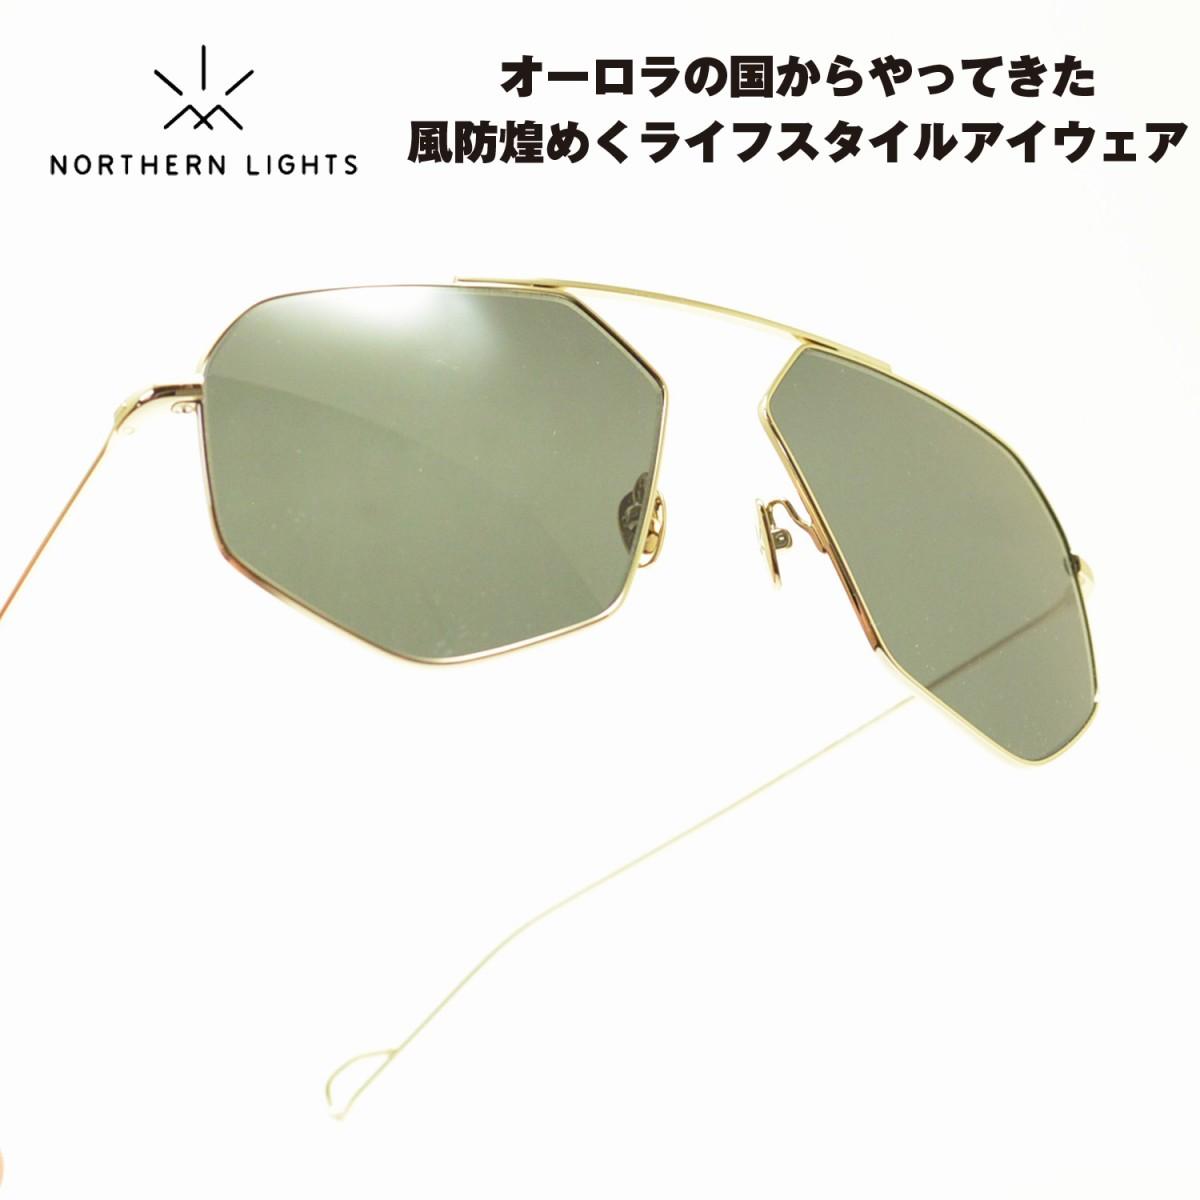 NORTHERN LIGHTS ノーザンライツ NL-26-069マットオールドゴールド/G15メガネ サングラス 眼鏡 めがね メンズ レディース おしゃれ ブランド 人気 おすすめ フレーム 流行り 度付き レンズ